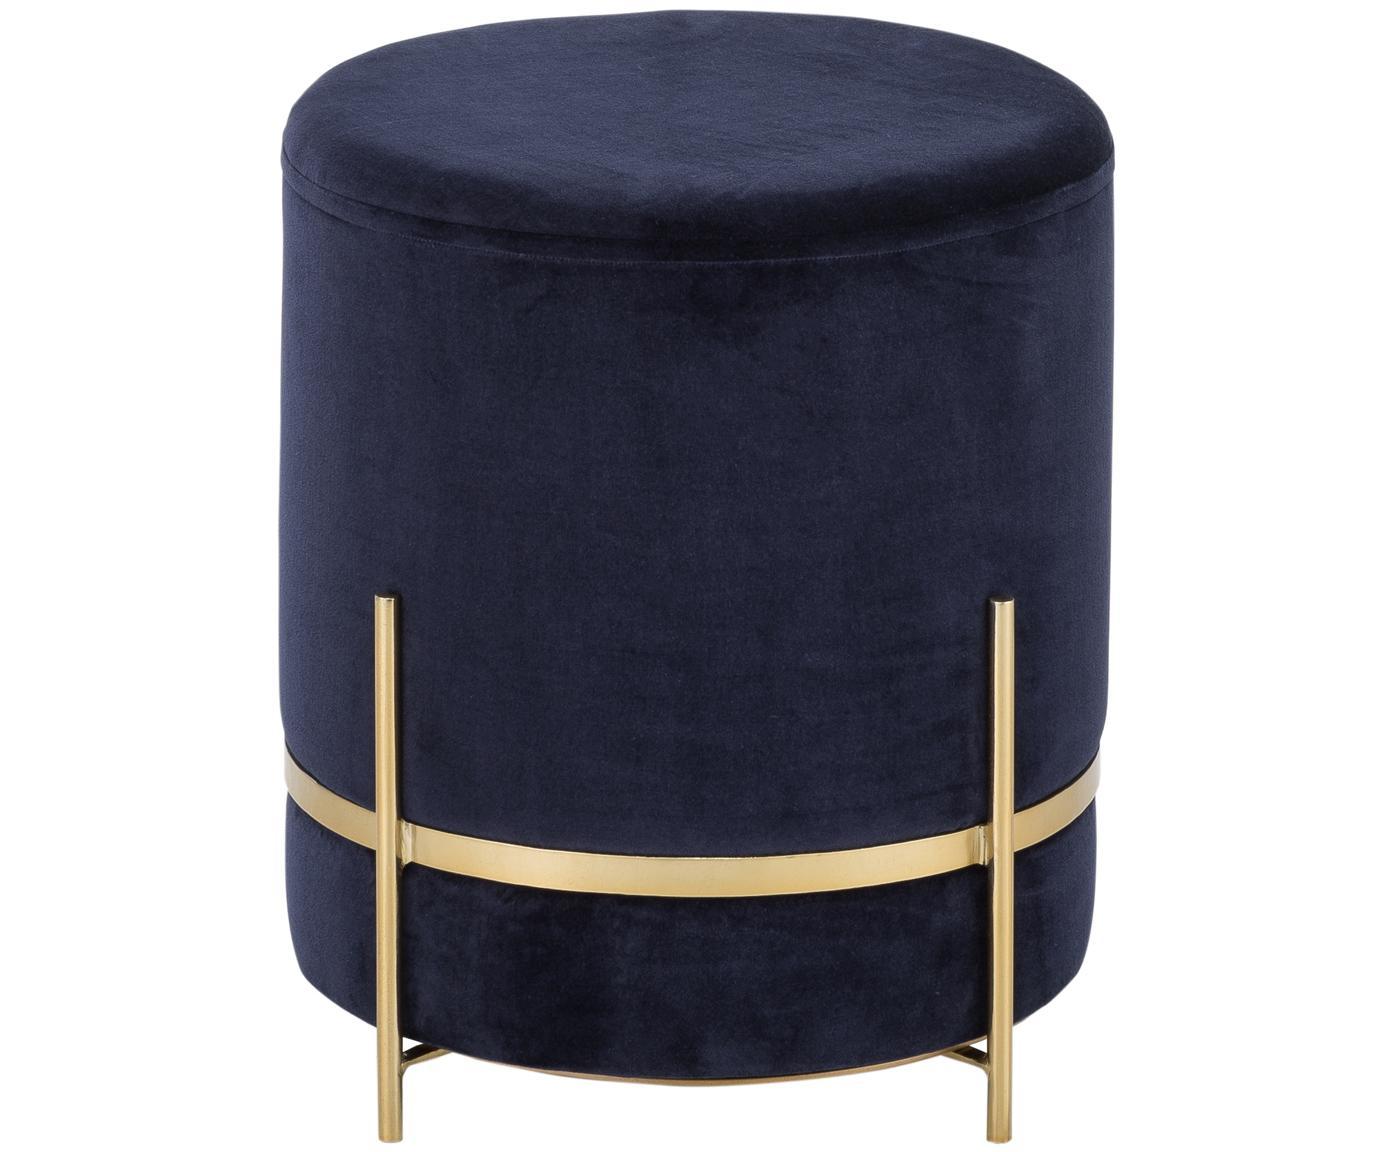 Pouf in velluto Haven, Rivestimento: velluto di cotone, Blu marino, dorato, Ø 38 x A 45 cm